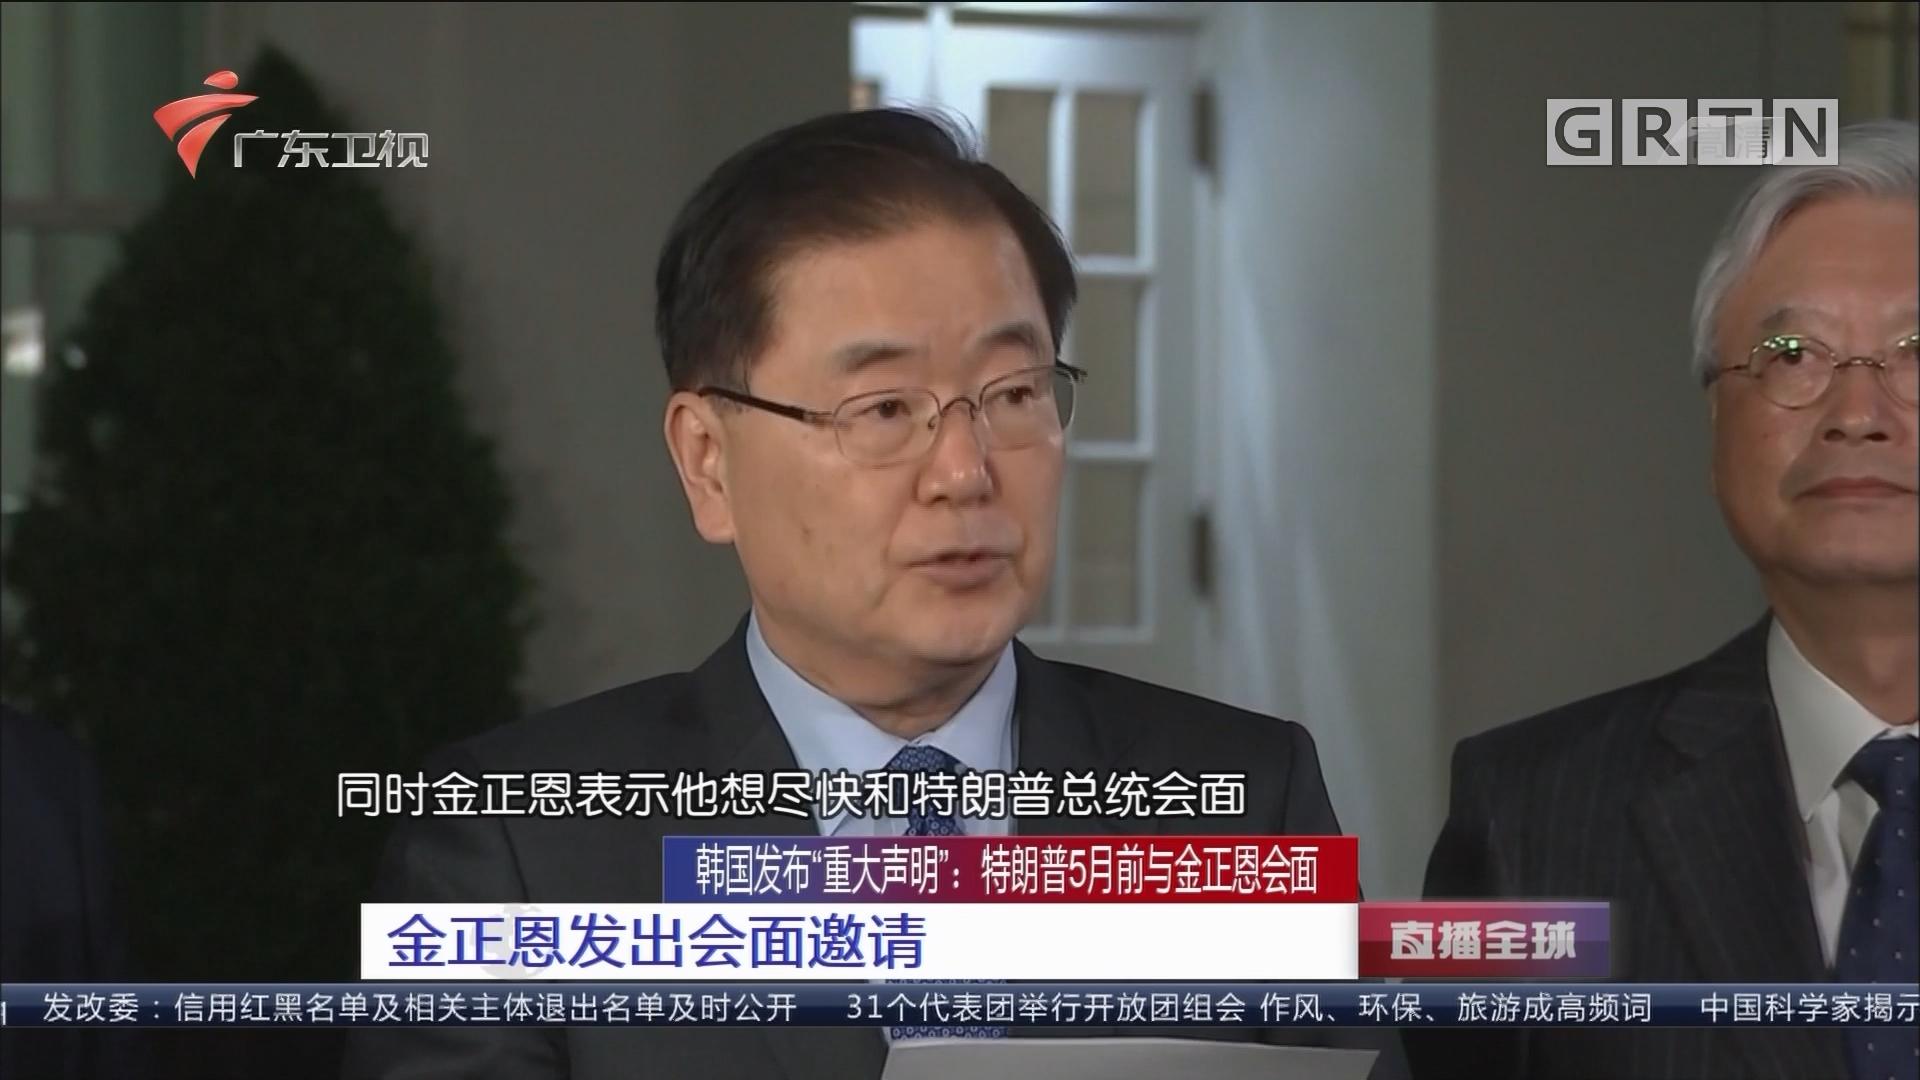 """韩国发布""""重大声明"""":特朗普5月前与金正恩会面 金正恩发出会面邀请"""